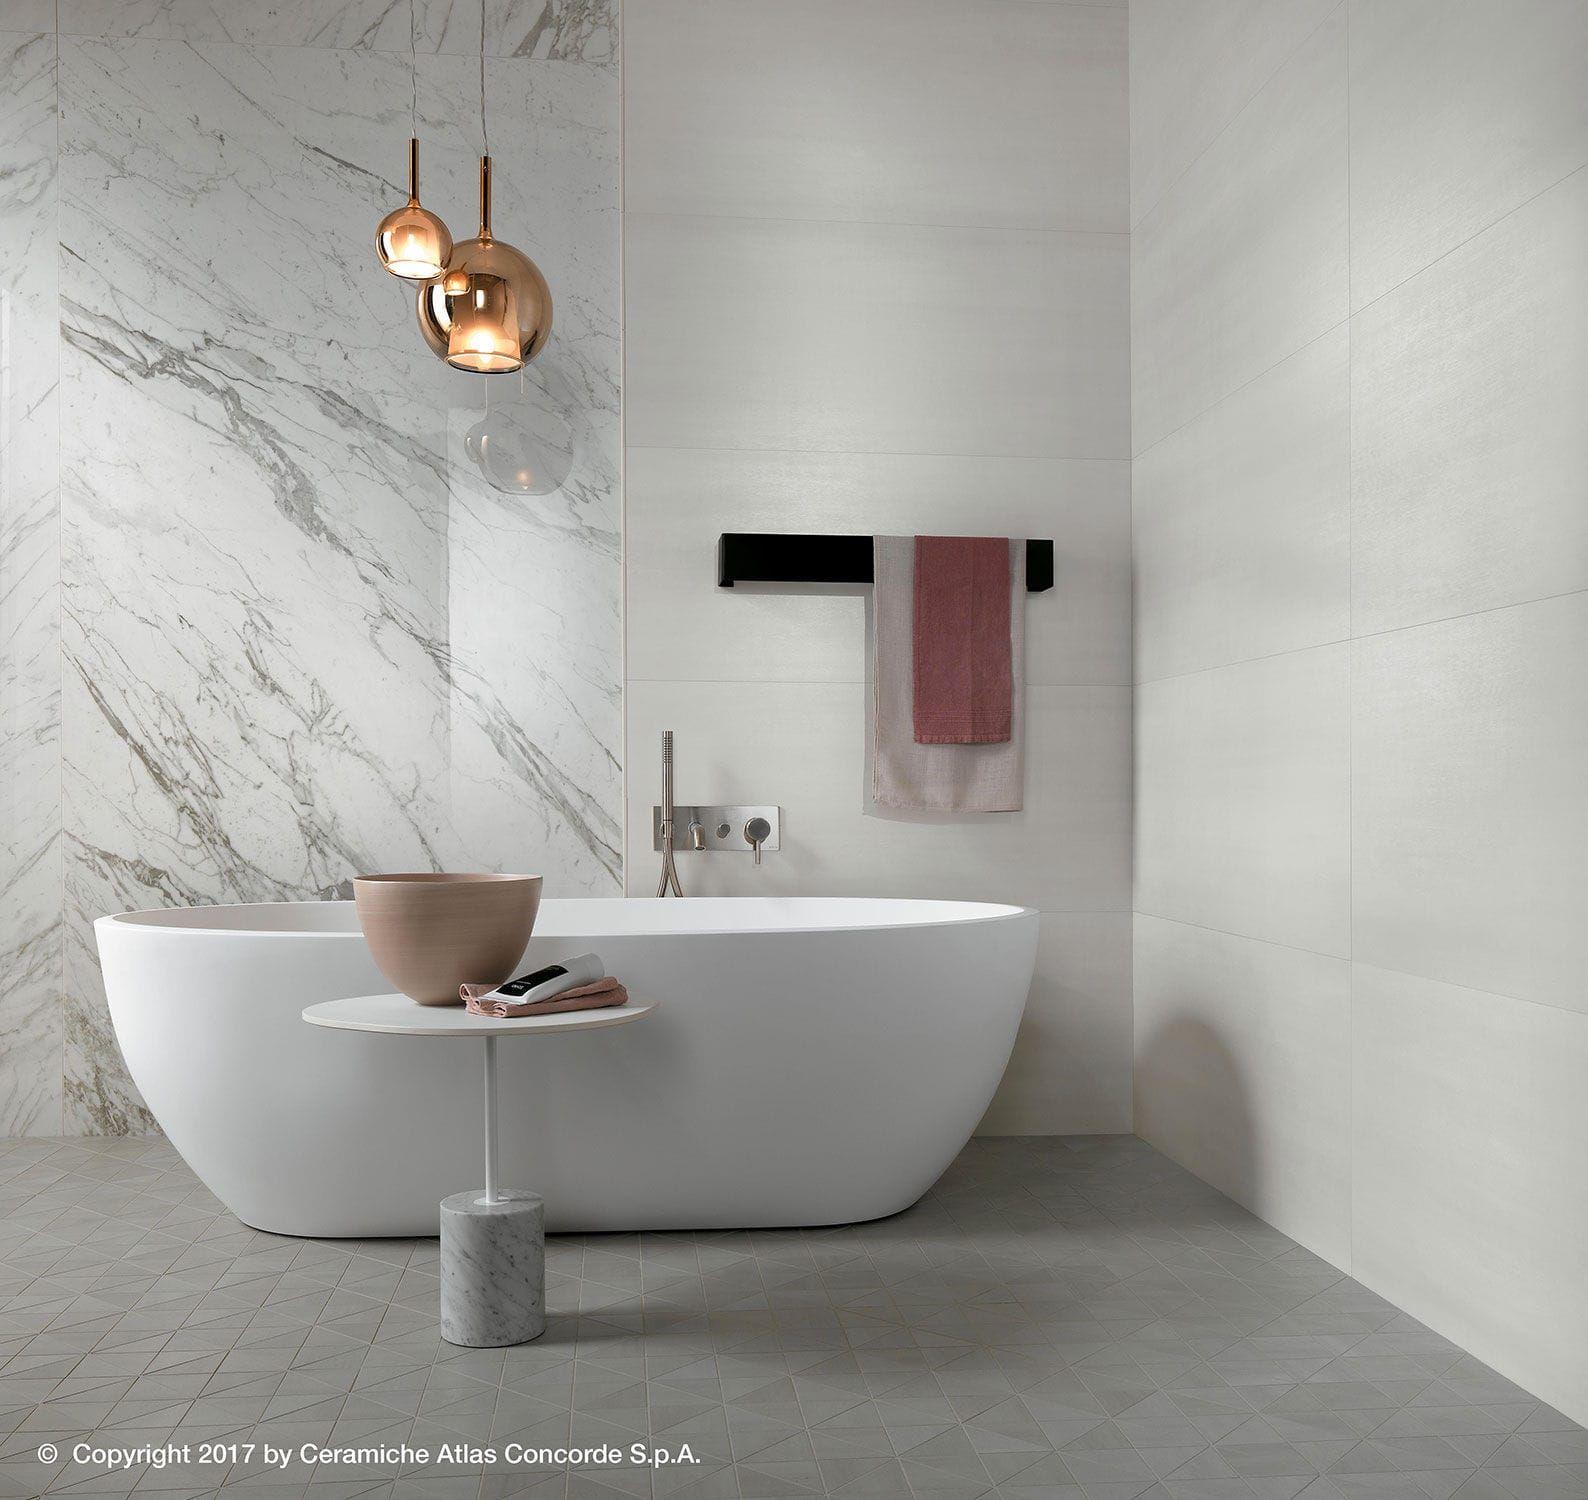 Wall Tile Ceramic Matte Concrete Look Mek Wall Atlas Concorde Bathroom Concrete Floor Polished Porcelain Tiles Concrete Wall Panels